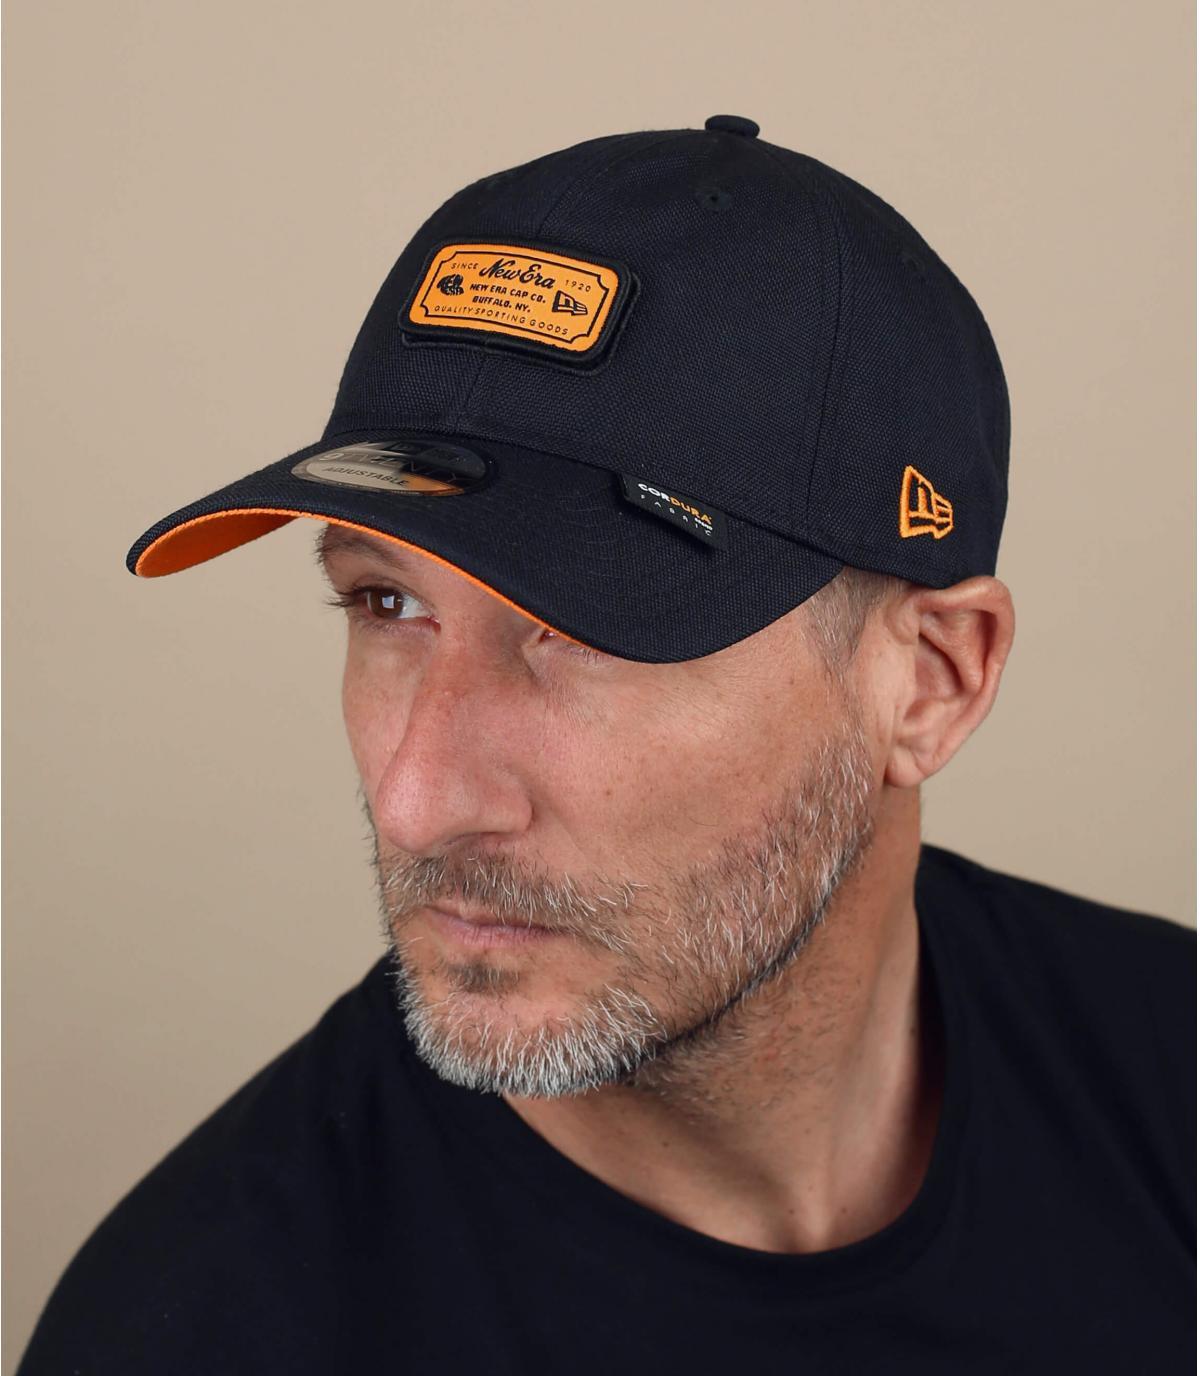 new Era cap zwart oranje